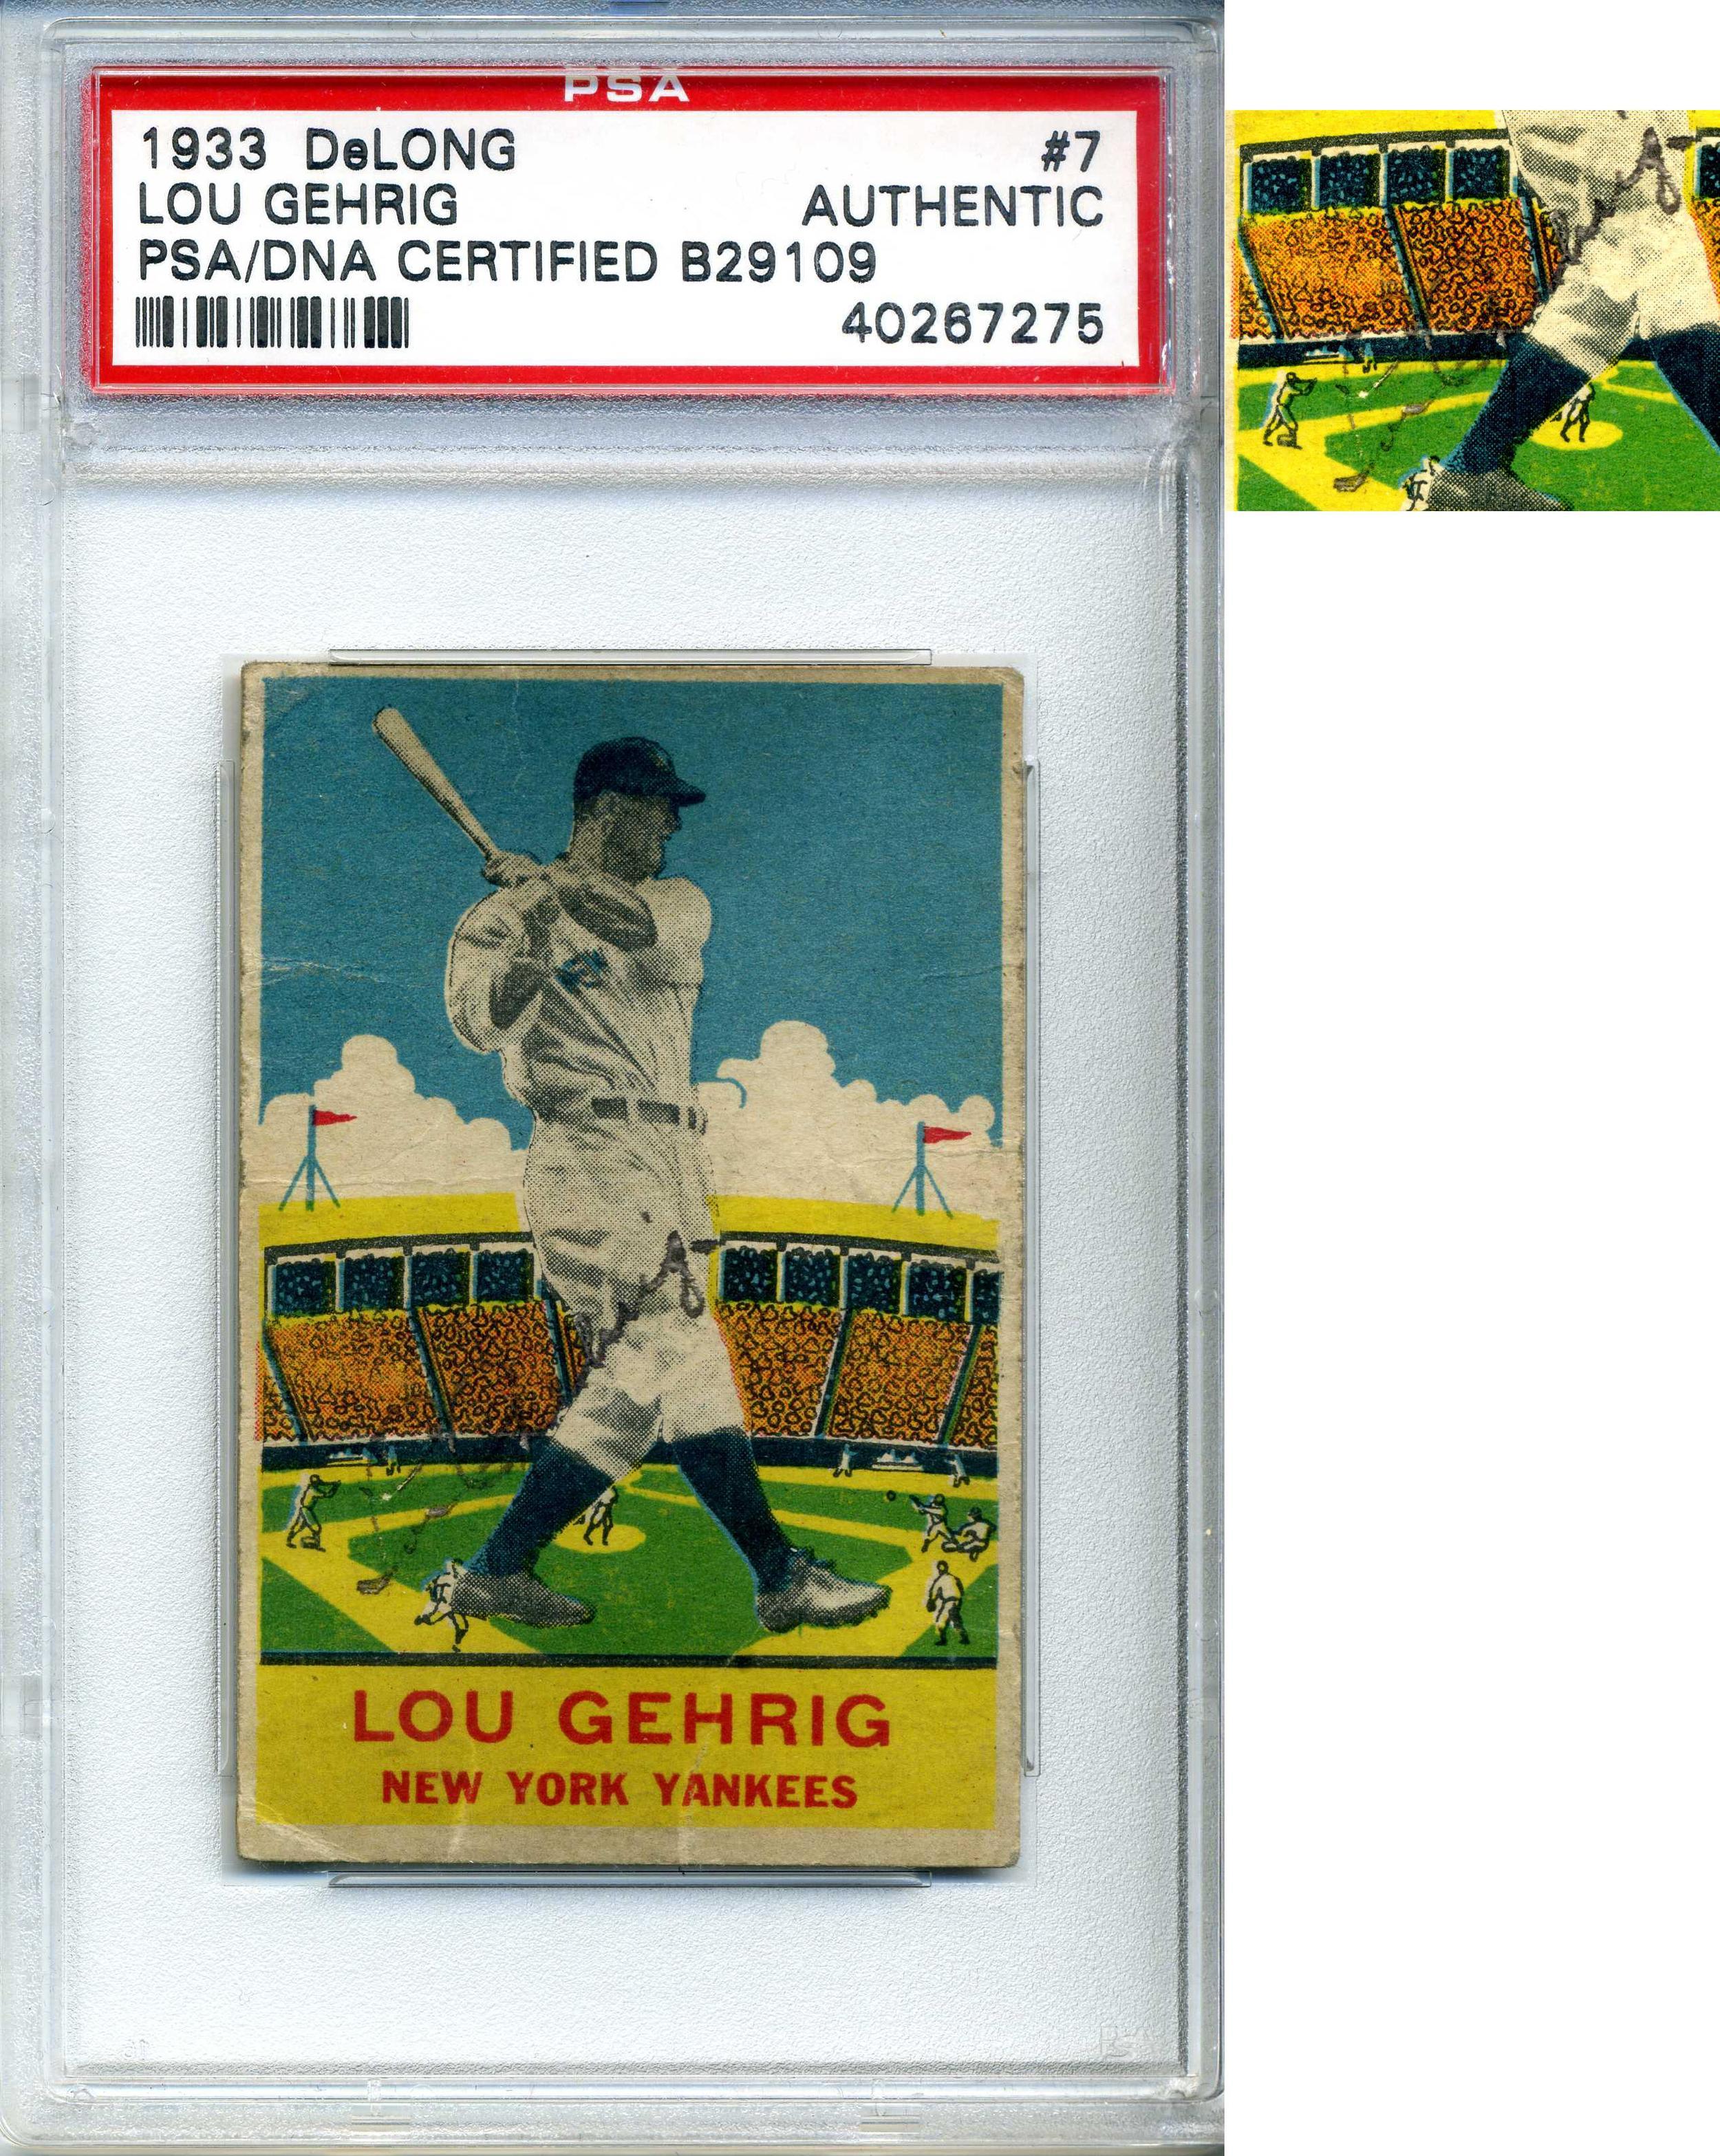 1933 DeLong.jpg